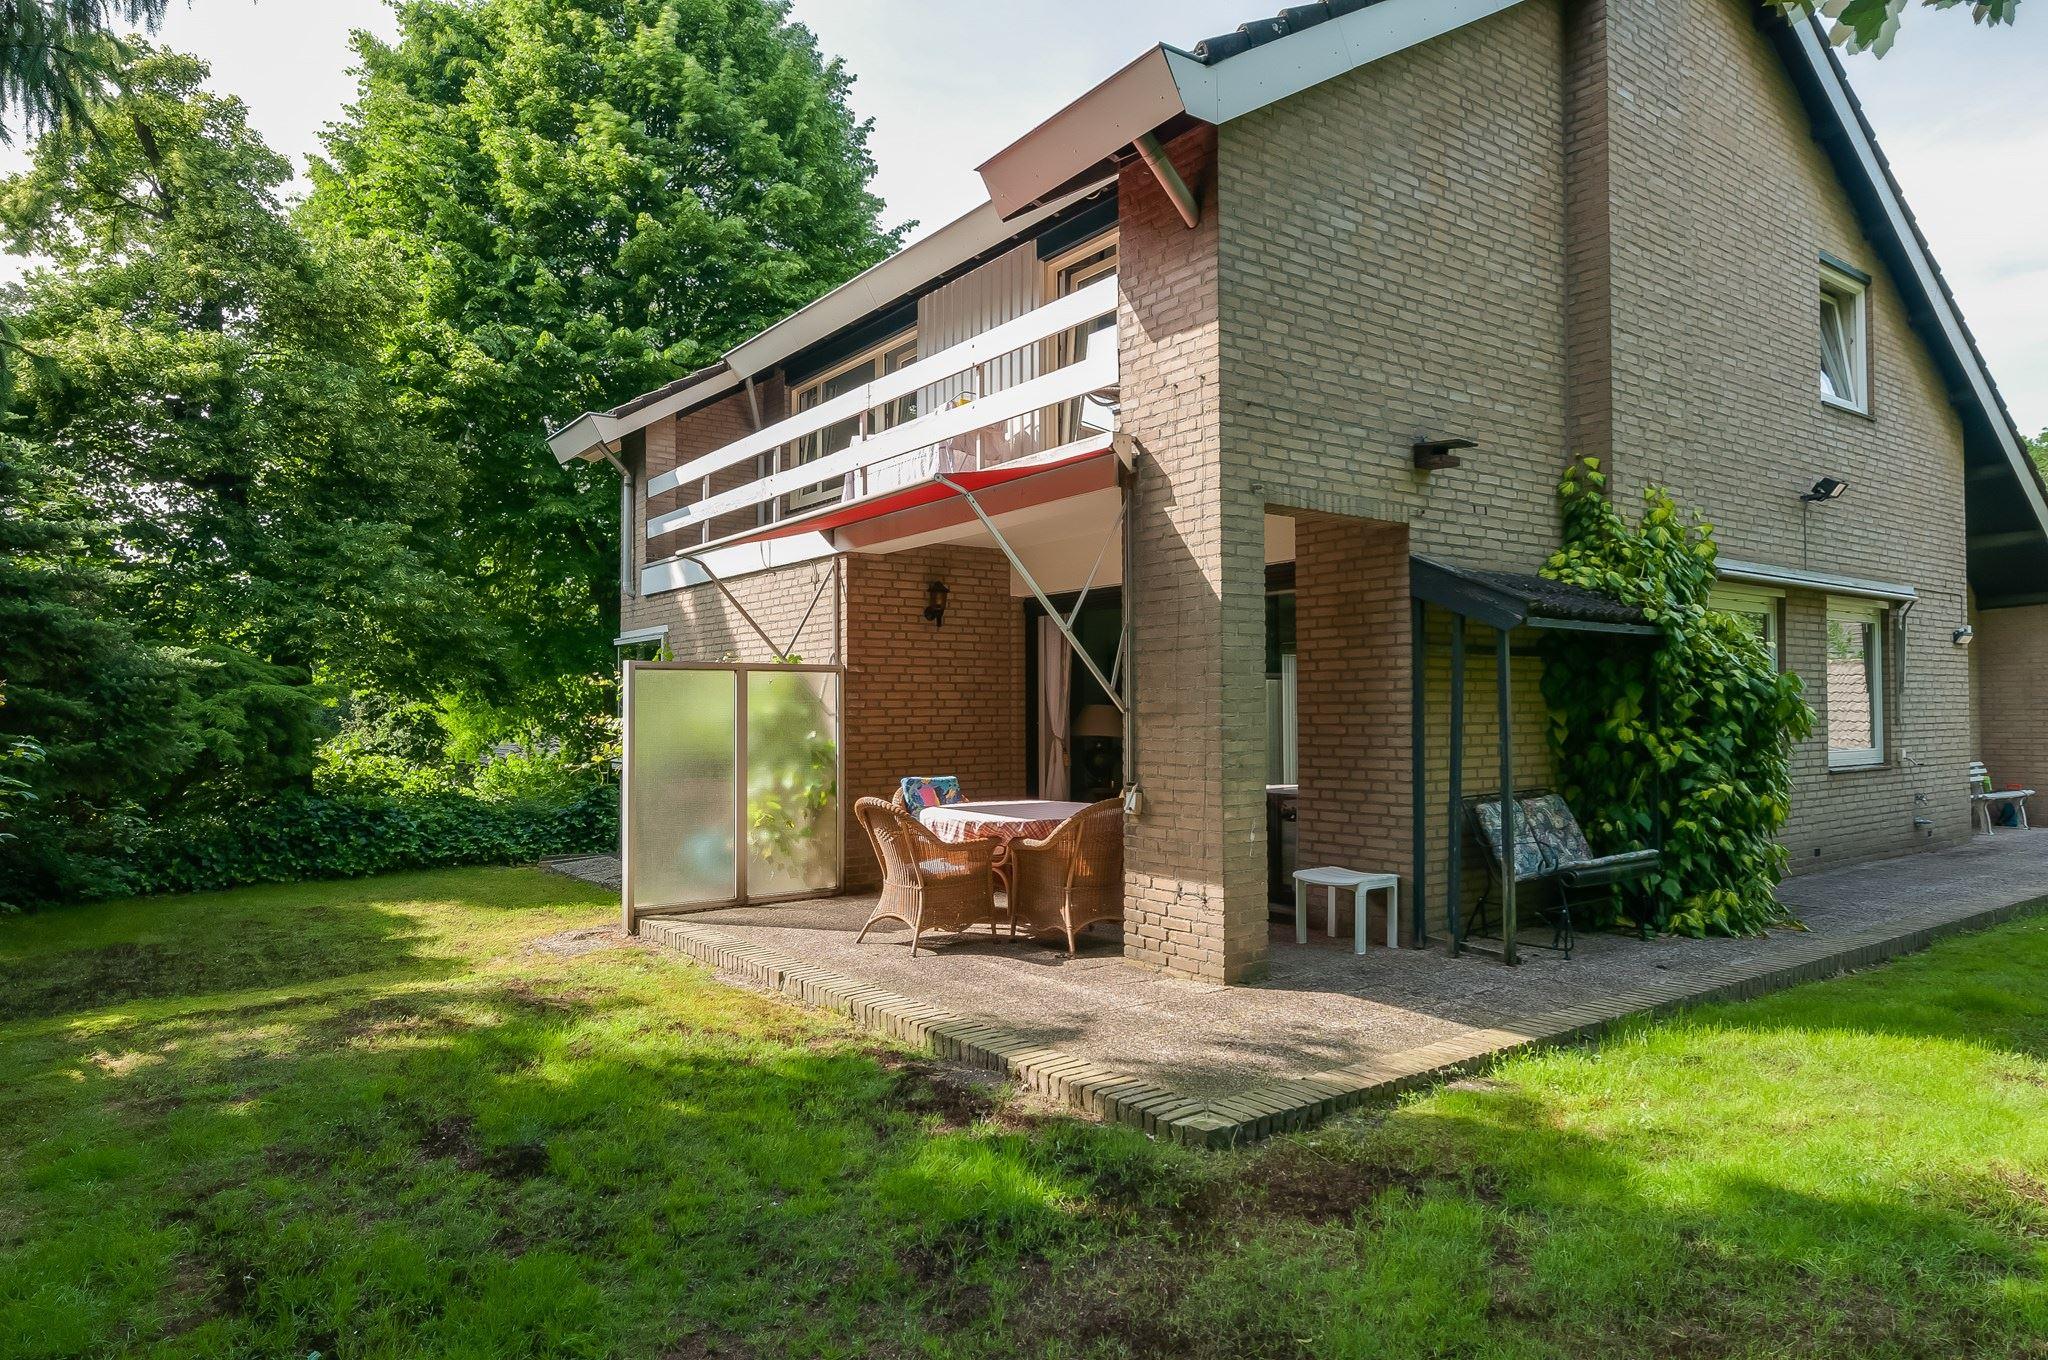 Huis te koop aan de bronnen 1 5915 xd venlo funda for M2 trap berekenen